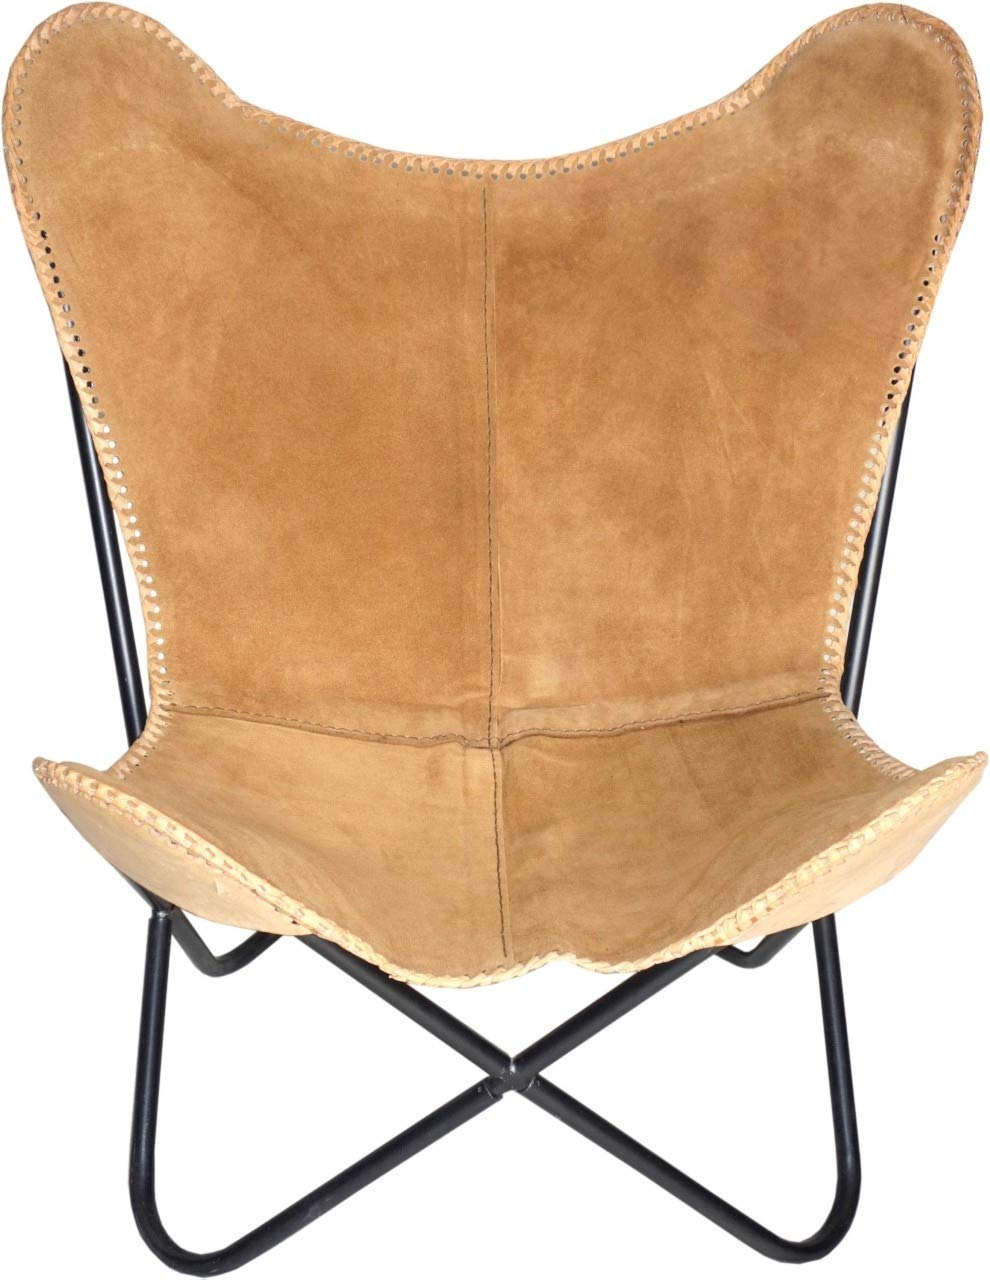 Bauhaus Chairs Butterfly Chair Spirit Camel Piel Mariposa ...